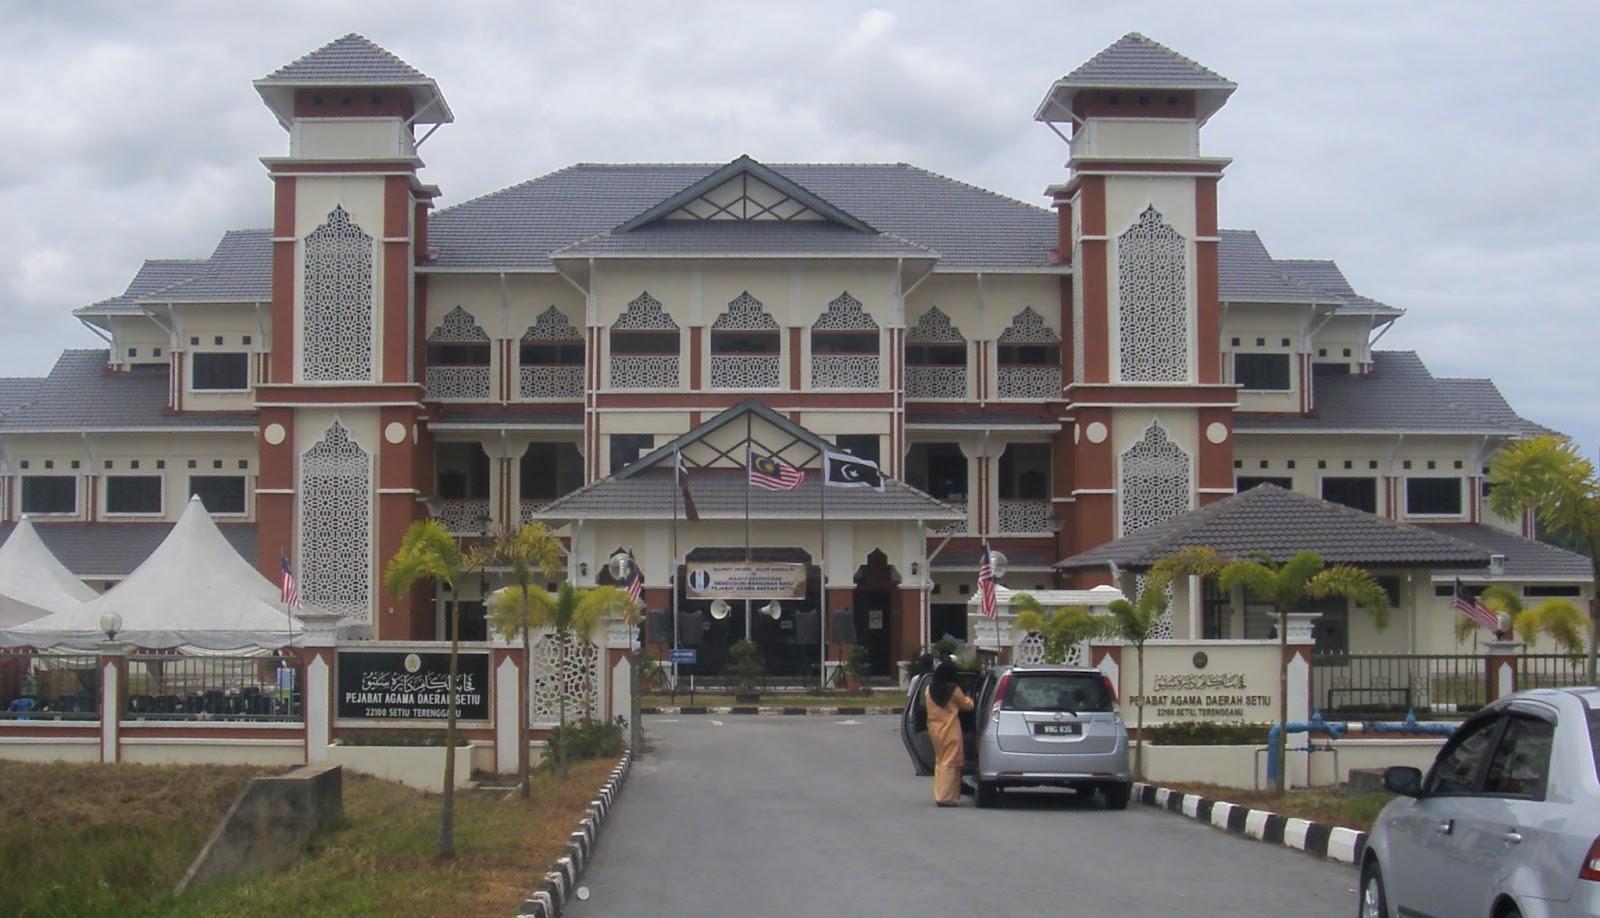 Senarai Pejabat Agama Islam Daerah Negeri Selangor Layanlah Berita Terkini Tips Berguna Maklumat